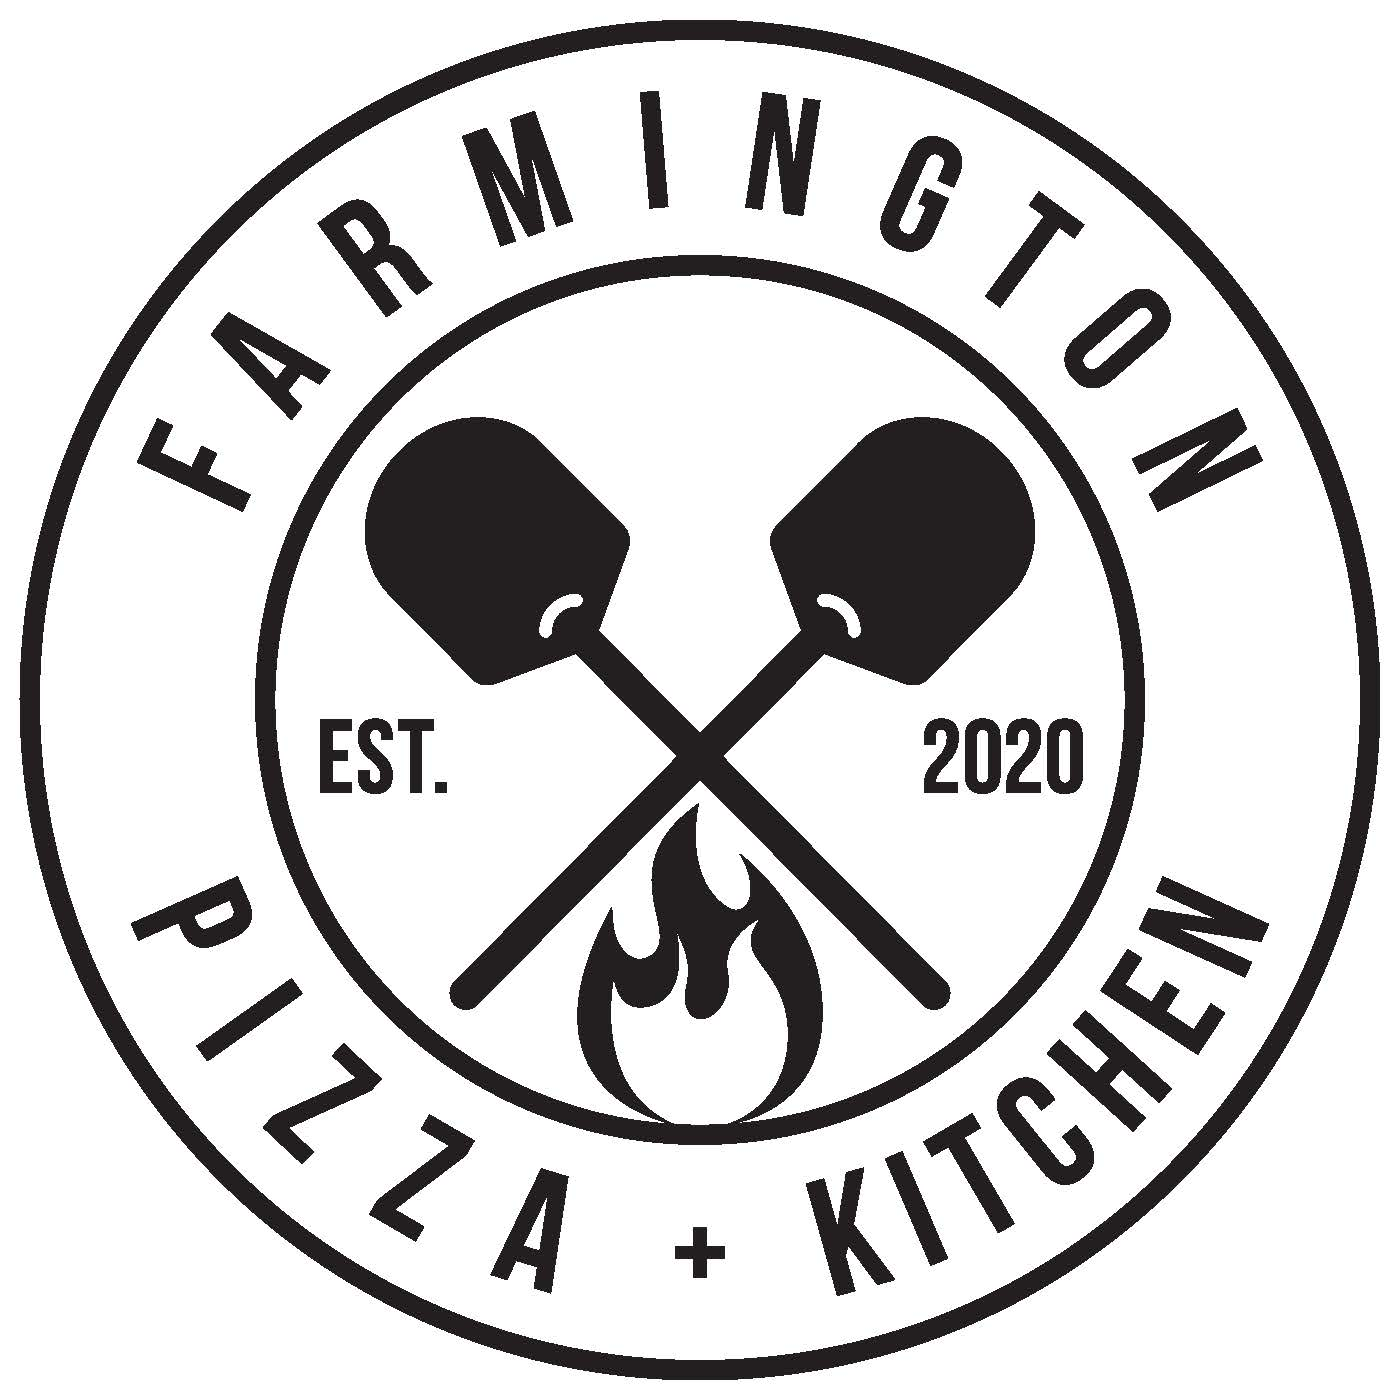 Farmington Pizza + Kitchen